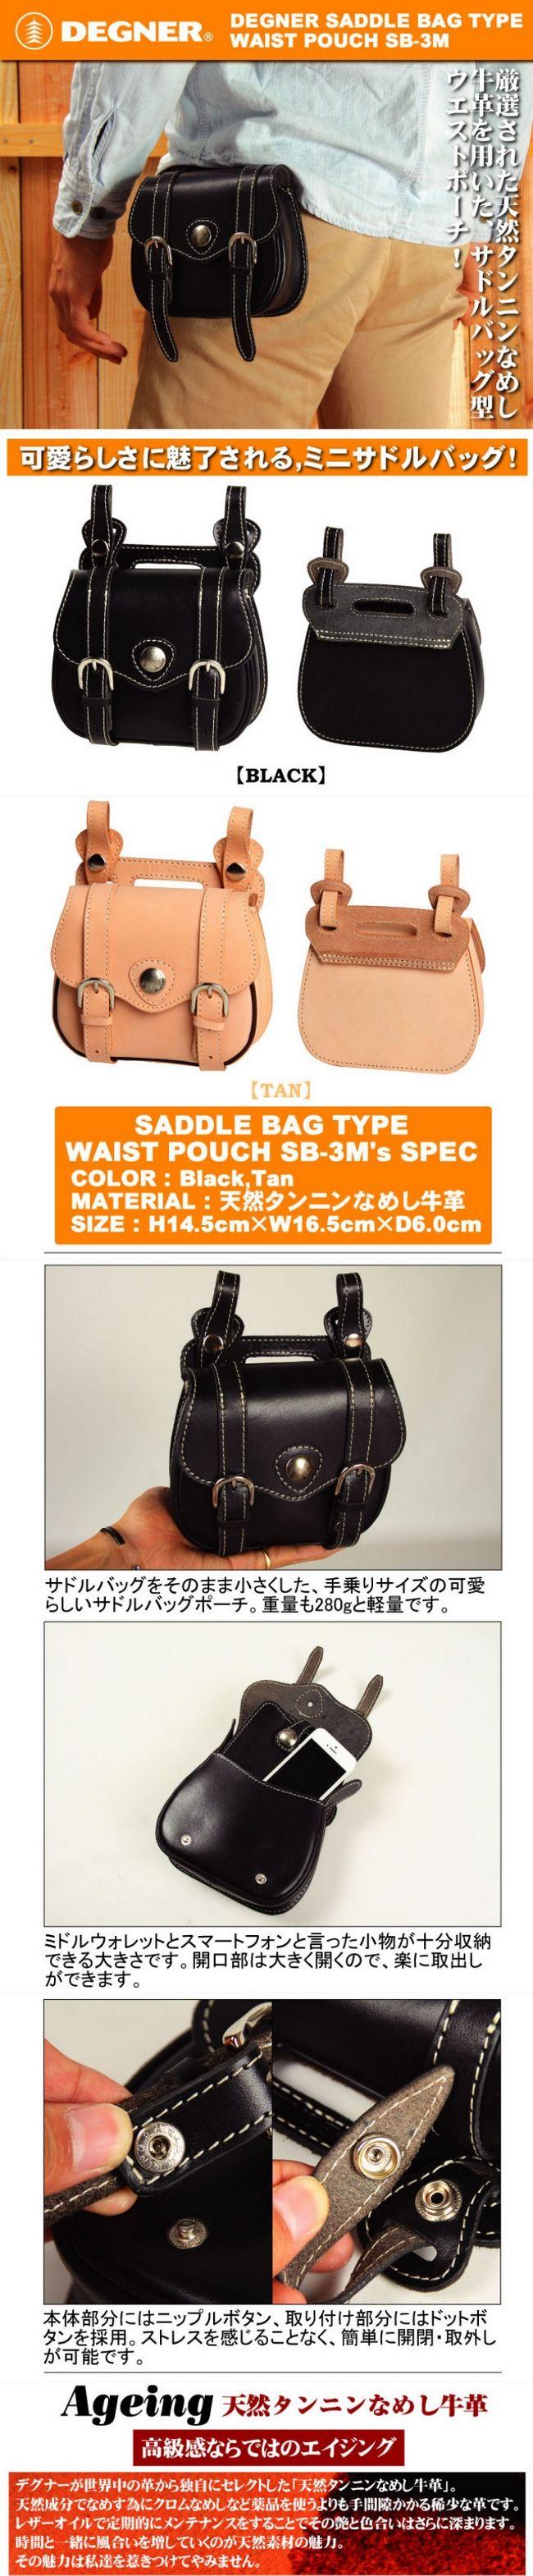 【DEGNER】馬鞍包造型波奇腰包 - 「Webike-摩托百貨」